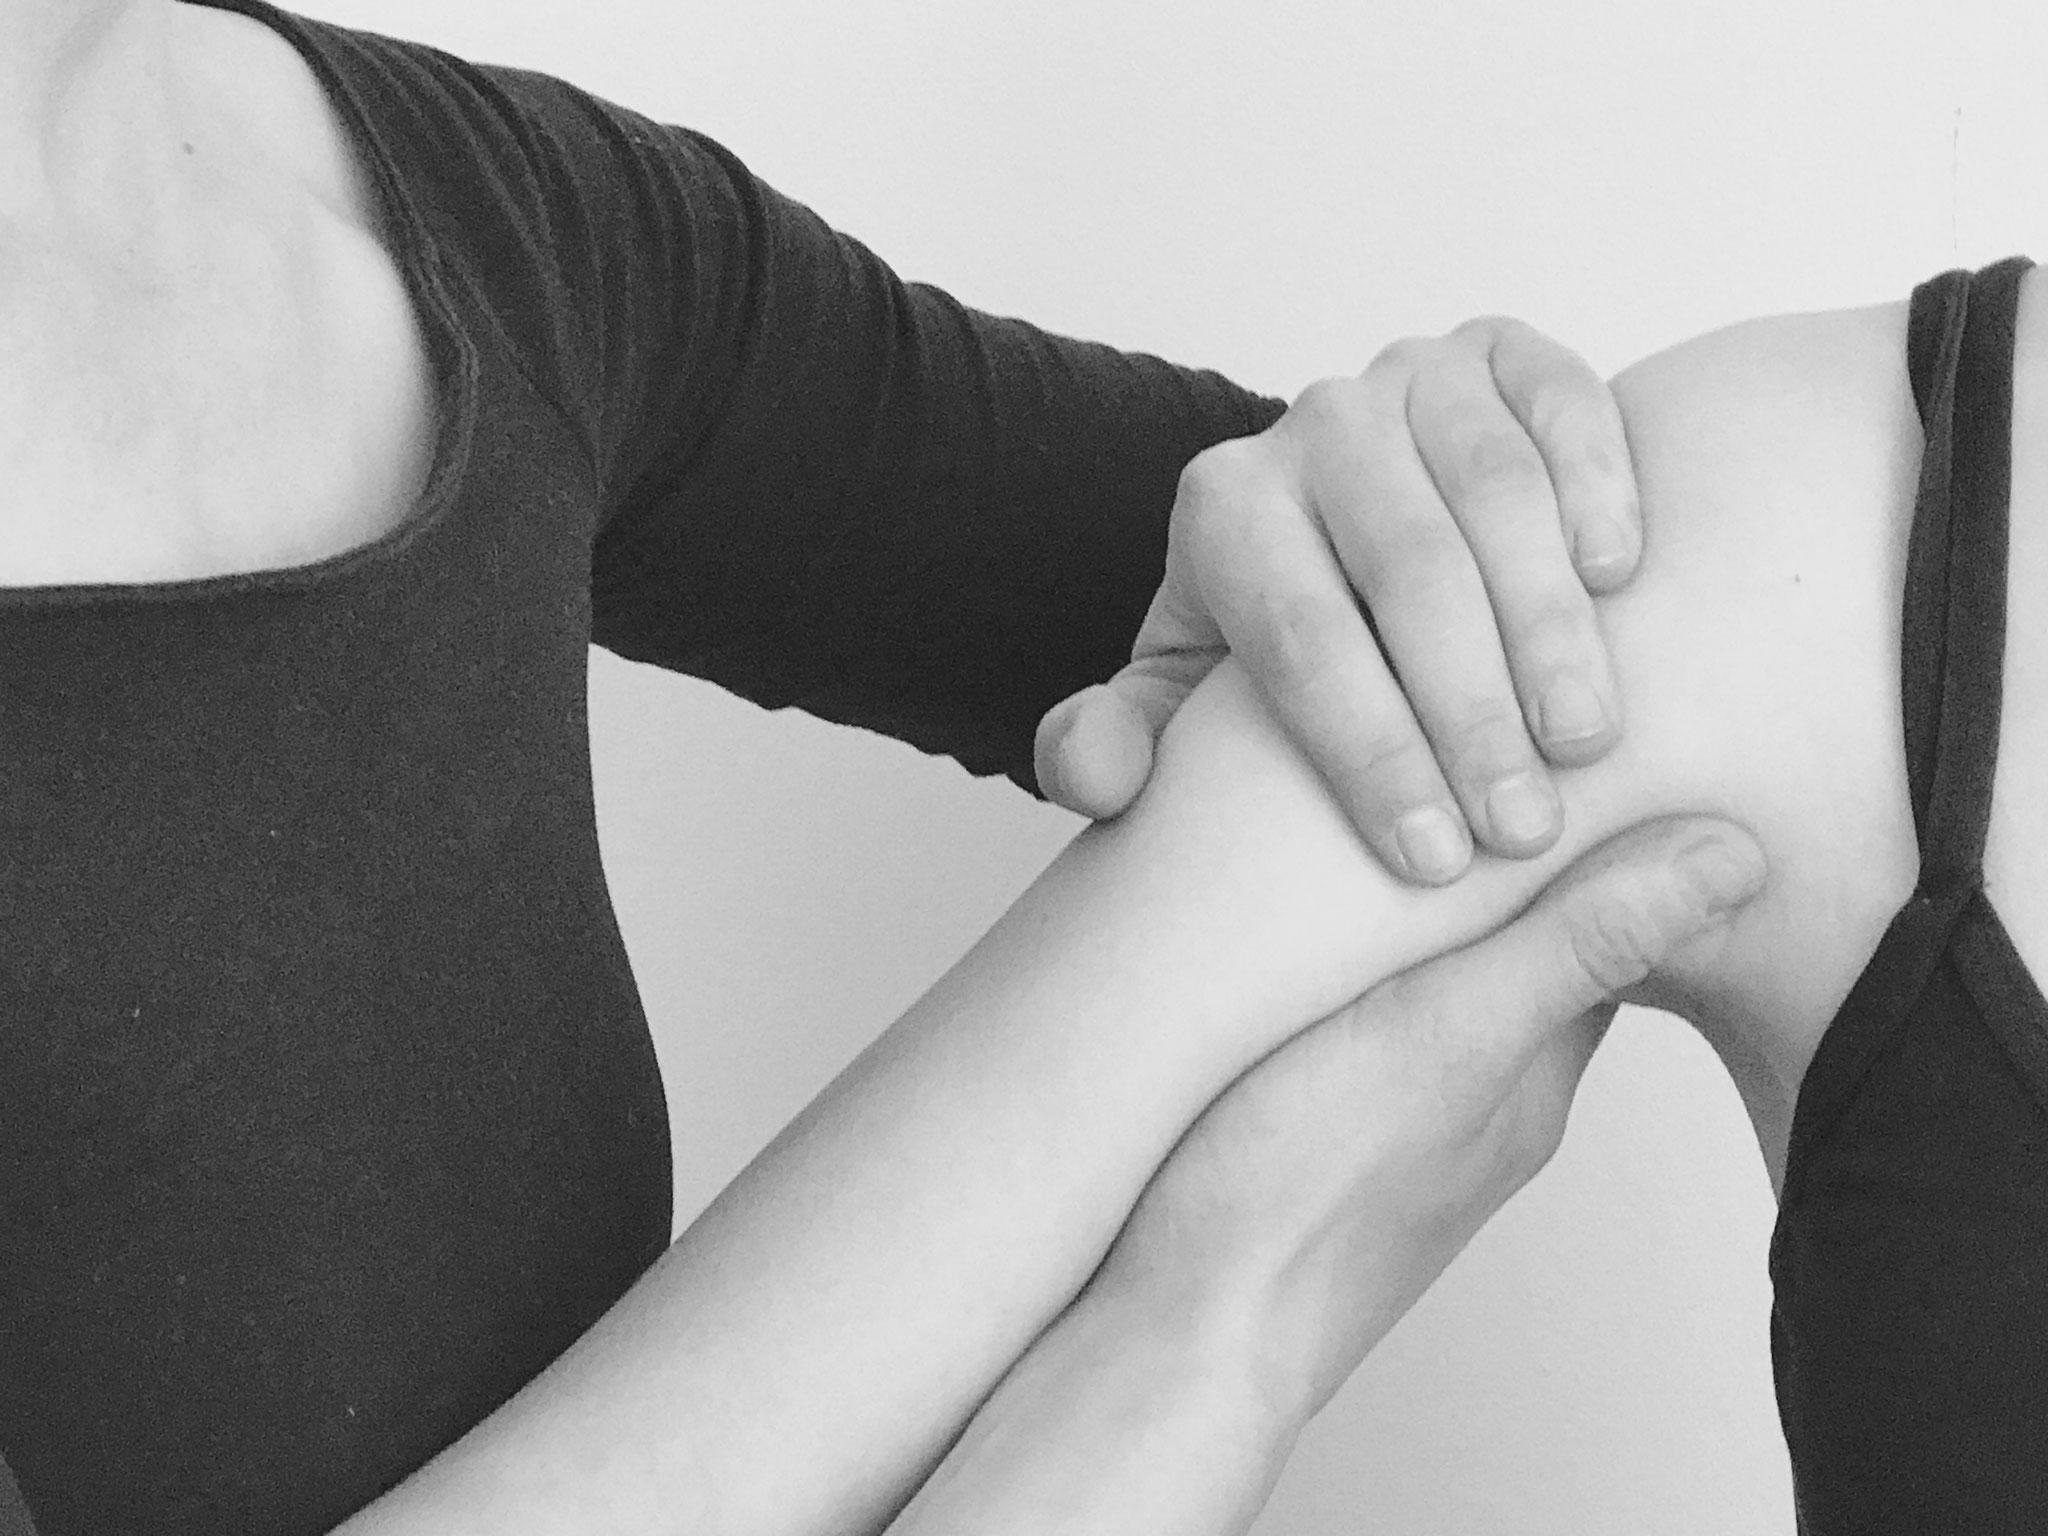 Die Hände-modernstes Werkzeug für Ihre Gesundheit